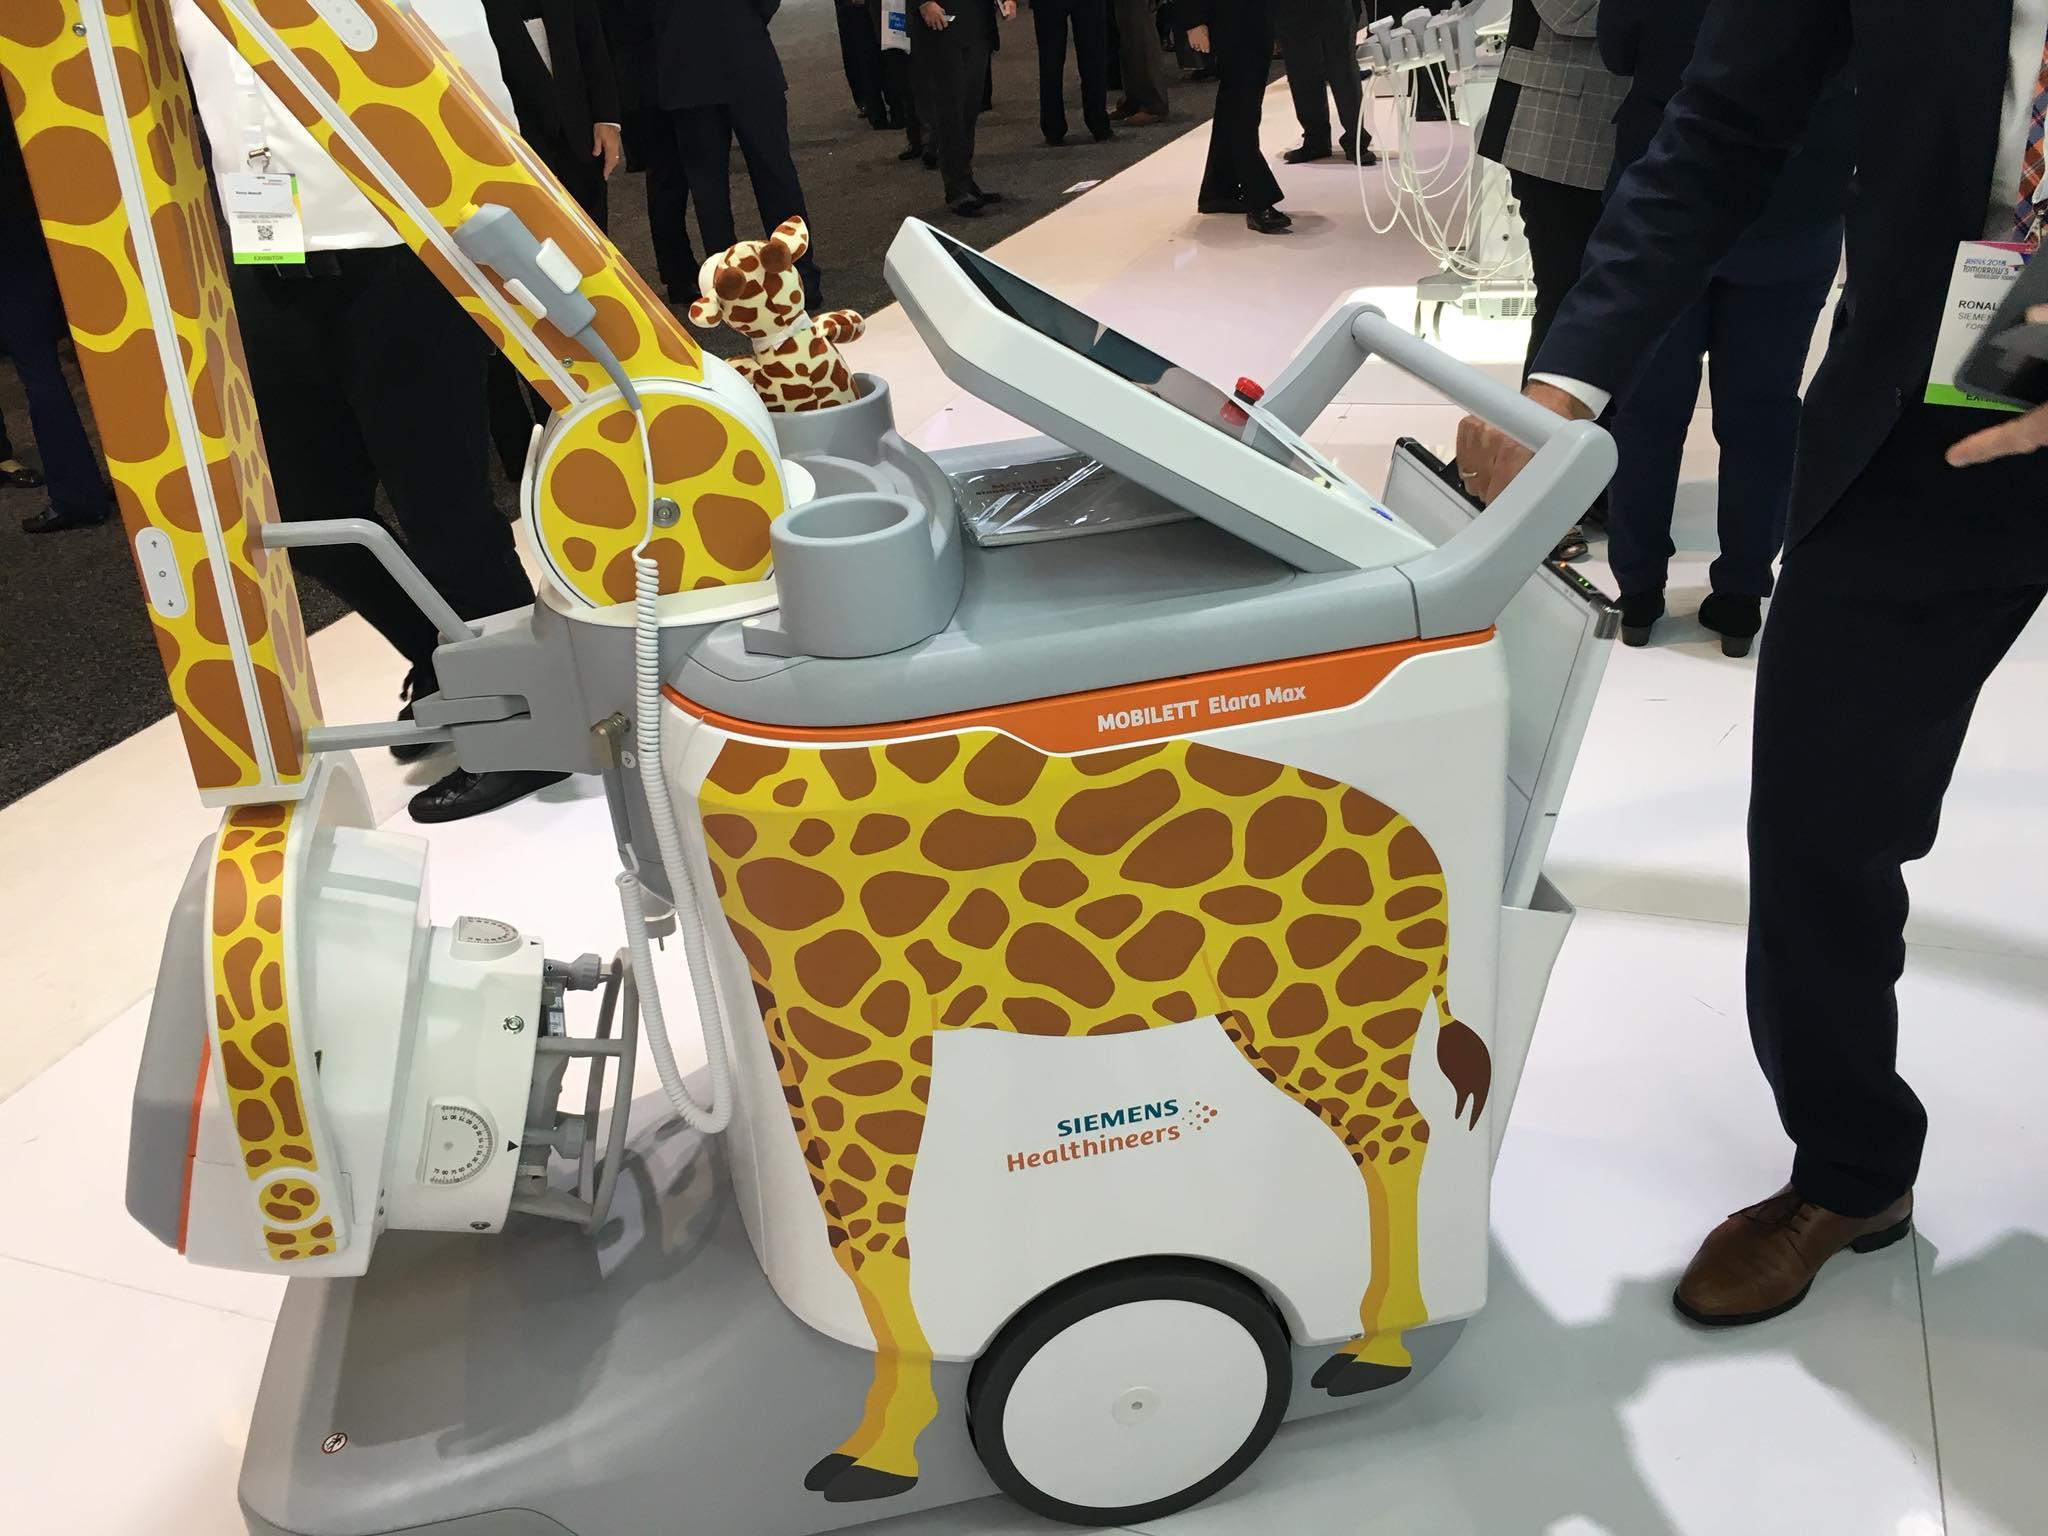 Siemens Healthineers GmbH Debuts Mobilett Elara Max Mobile X-ray